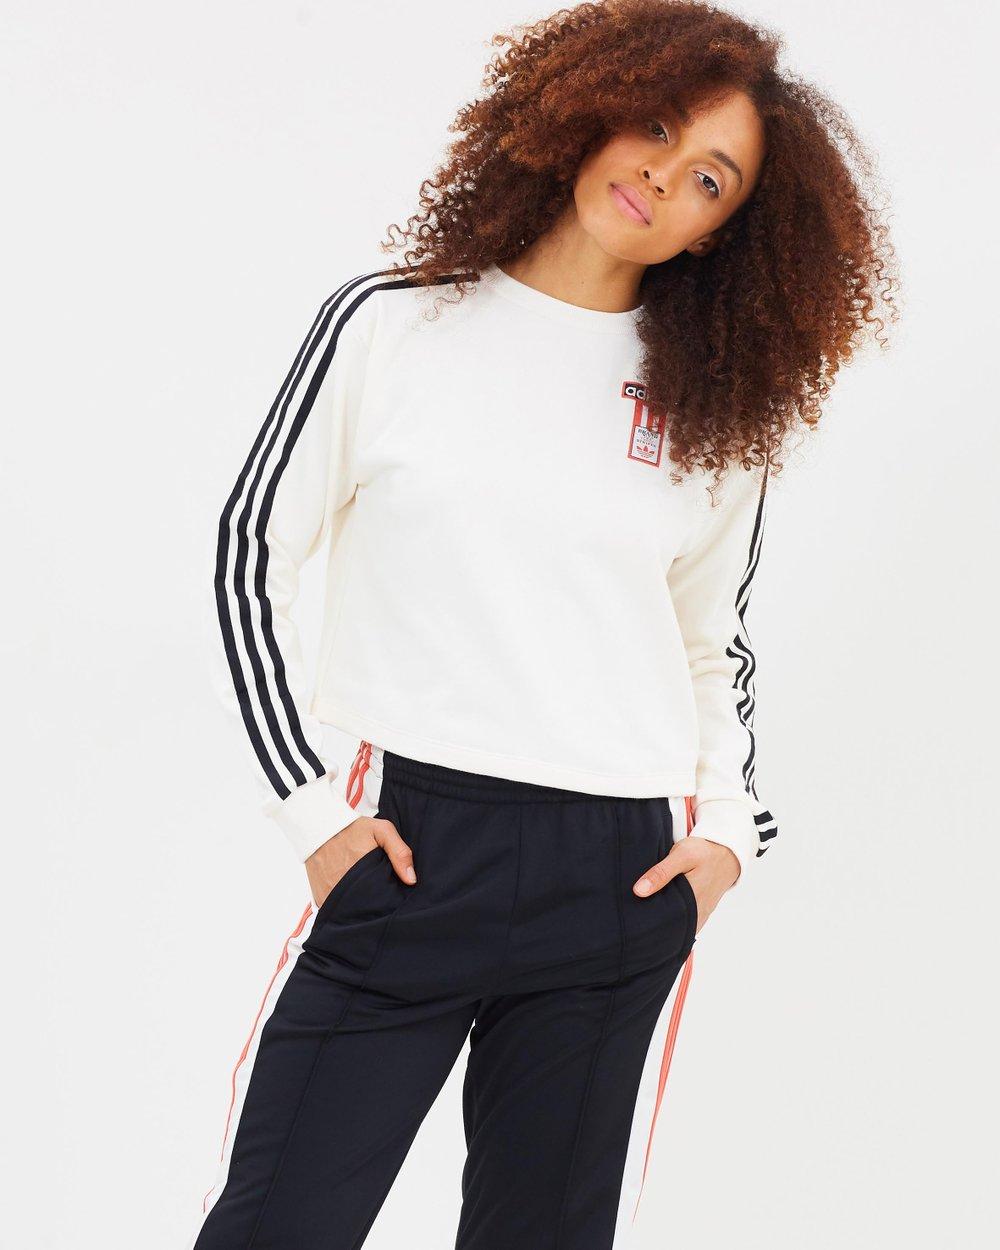 4a8ea3baabbd Adibreak Sweatshirt by adidas Originals Online